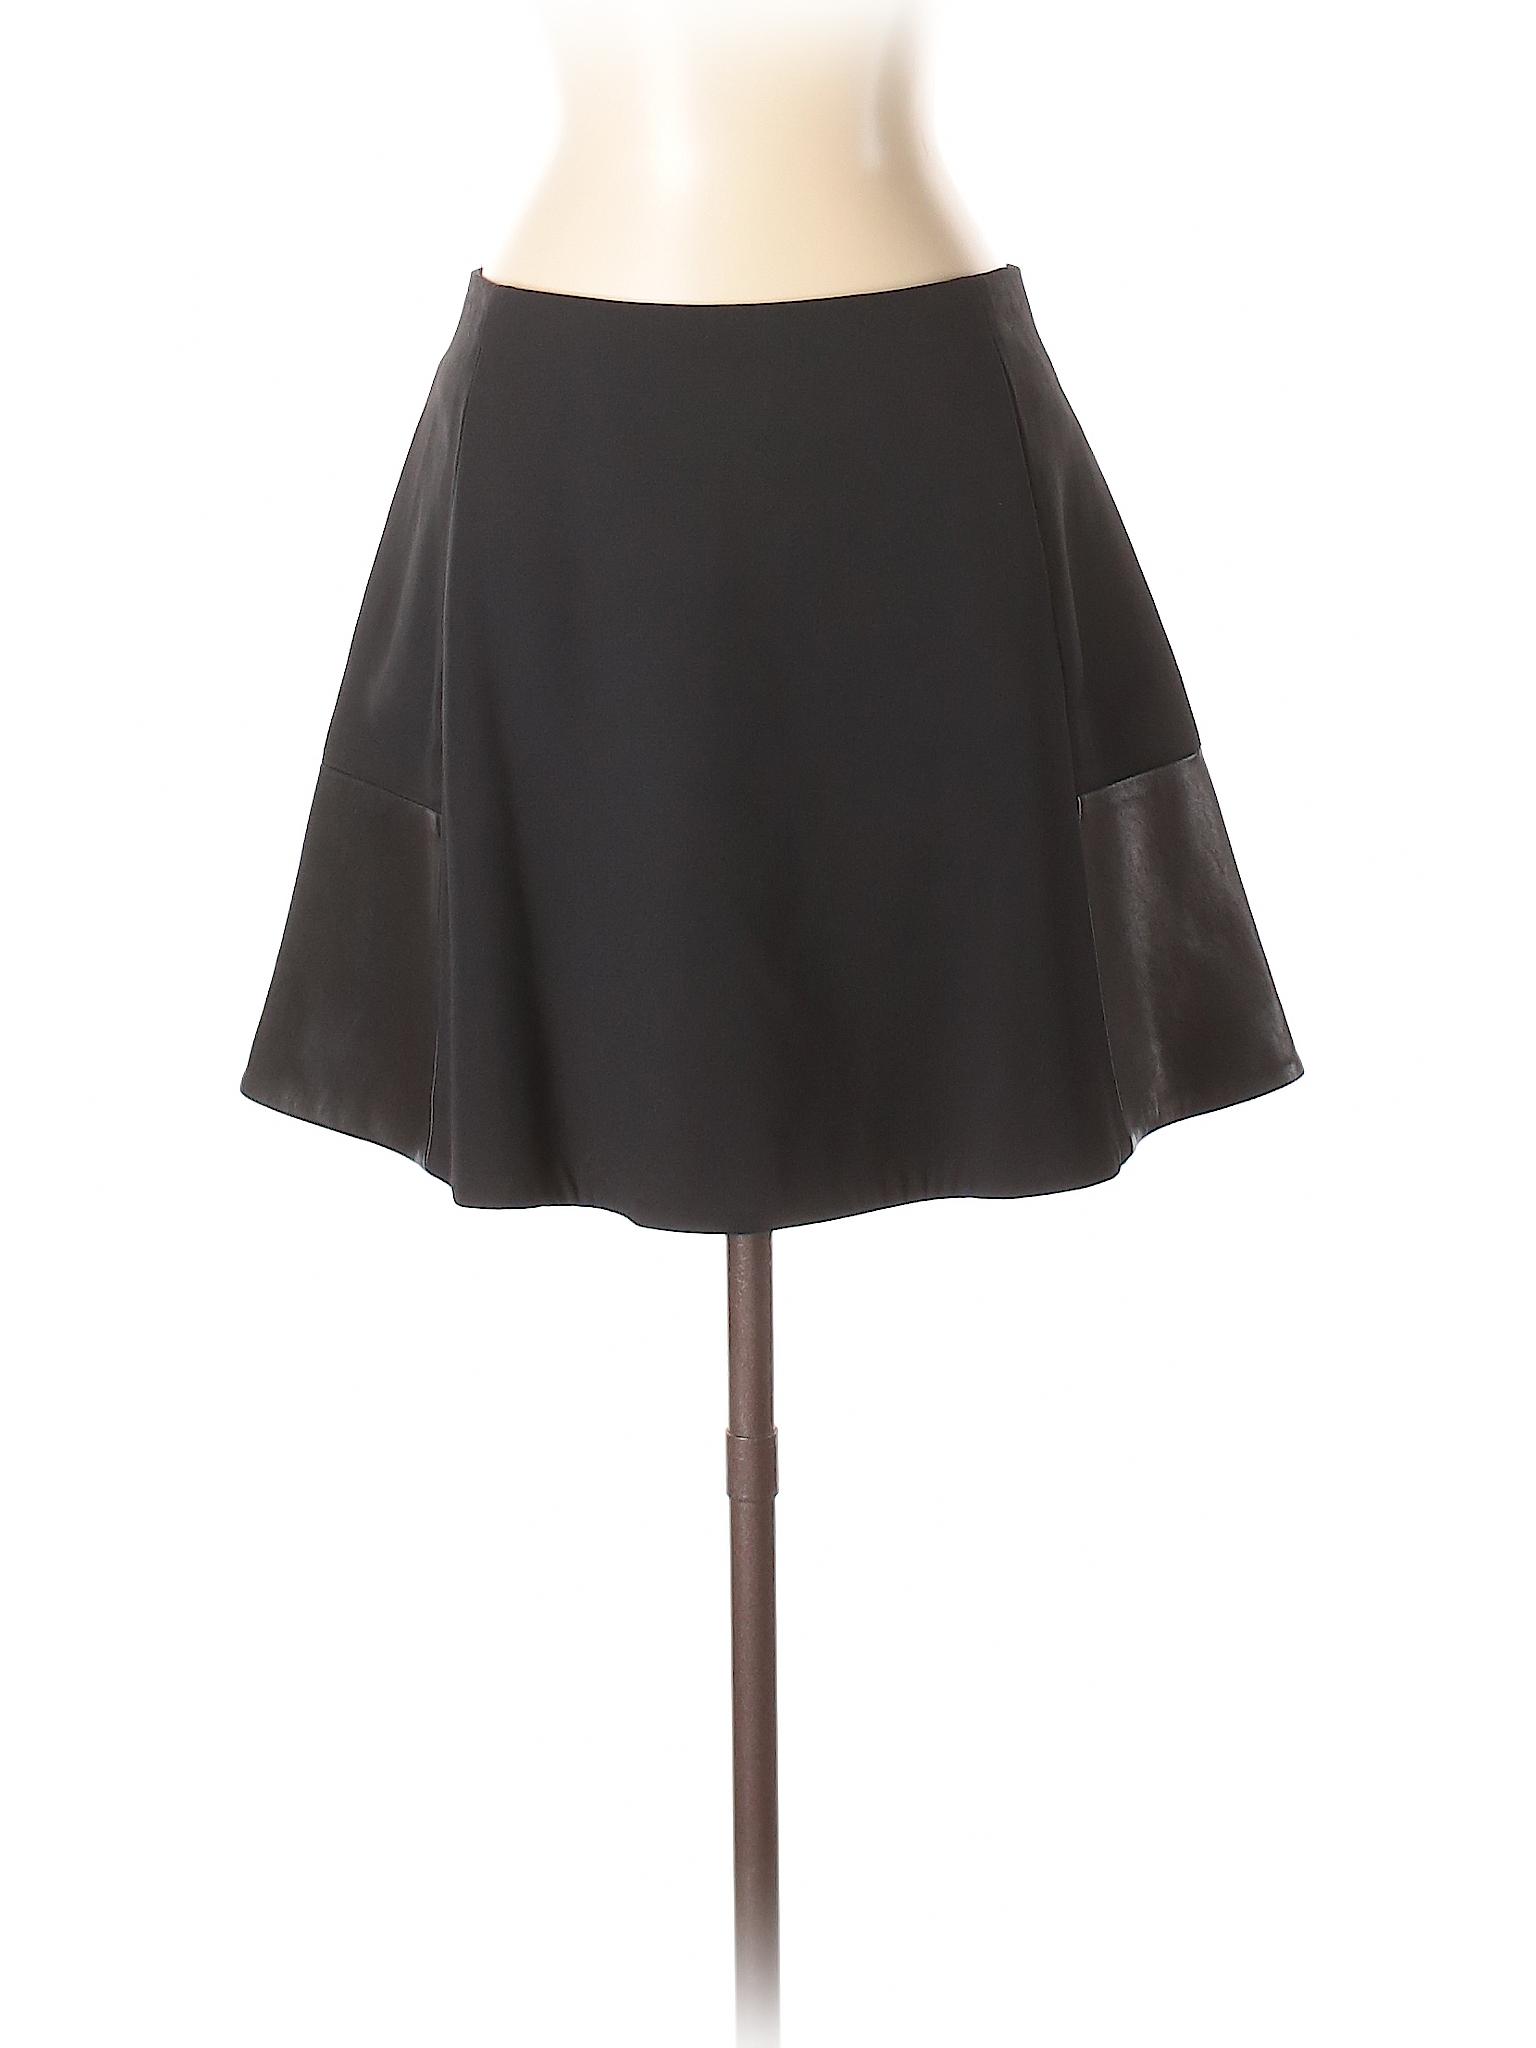 Skirt Casual Boutique Skirt Boutique Casual Boutique nqwv4YIBd